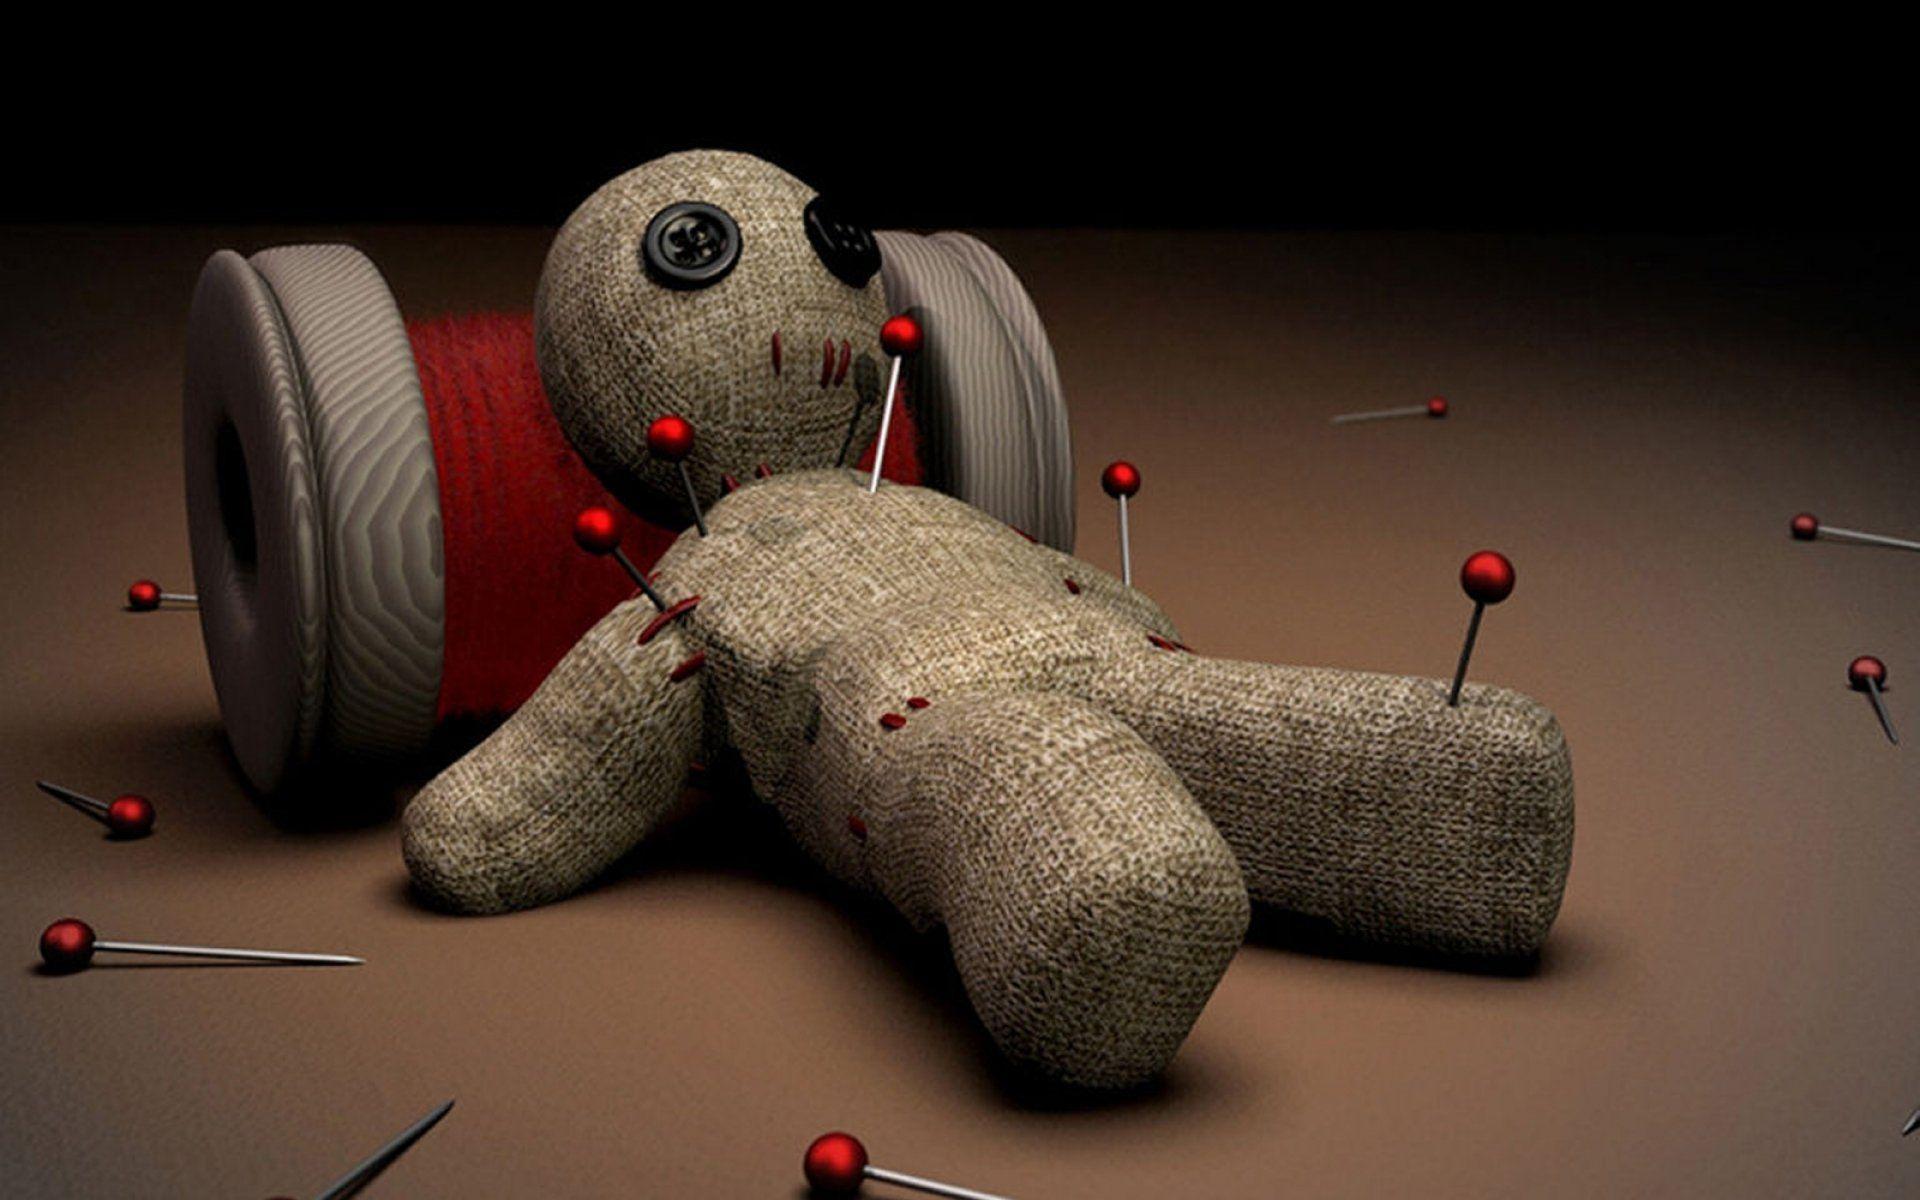 Кукла вуду начальника помогает снять стресс